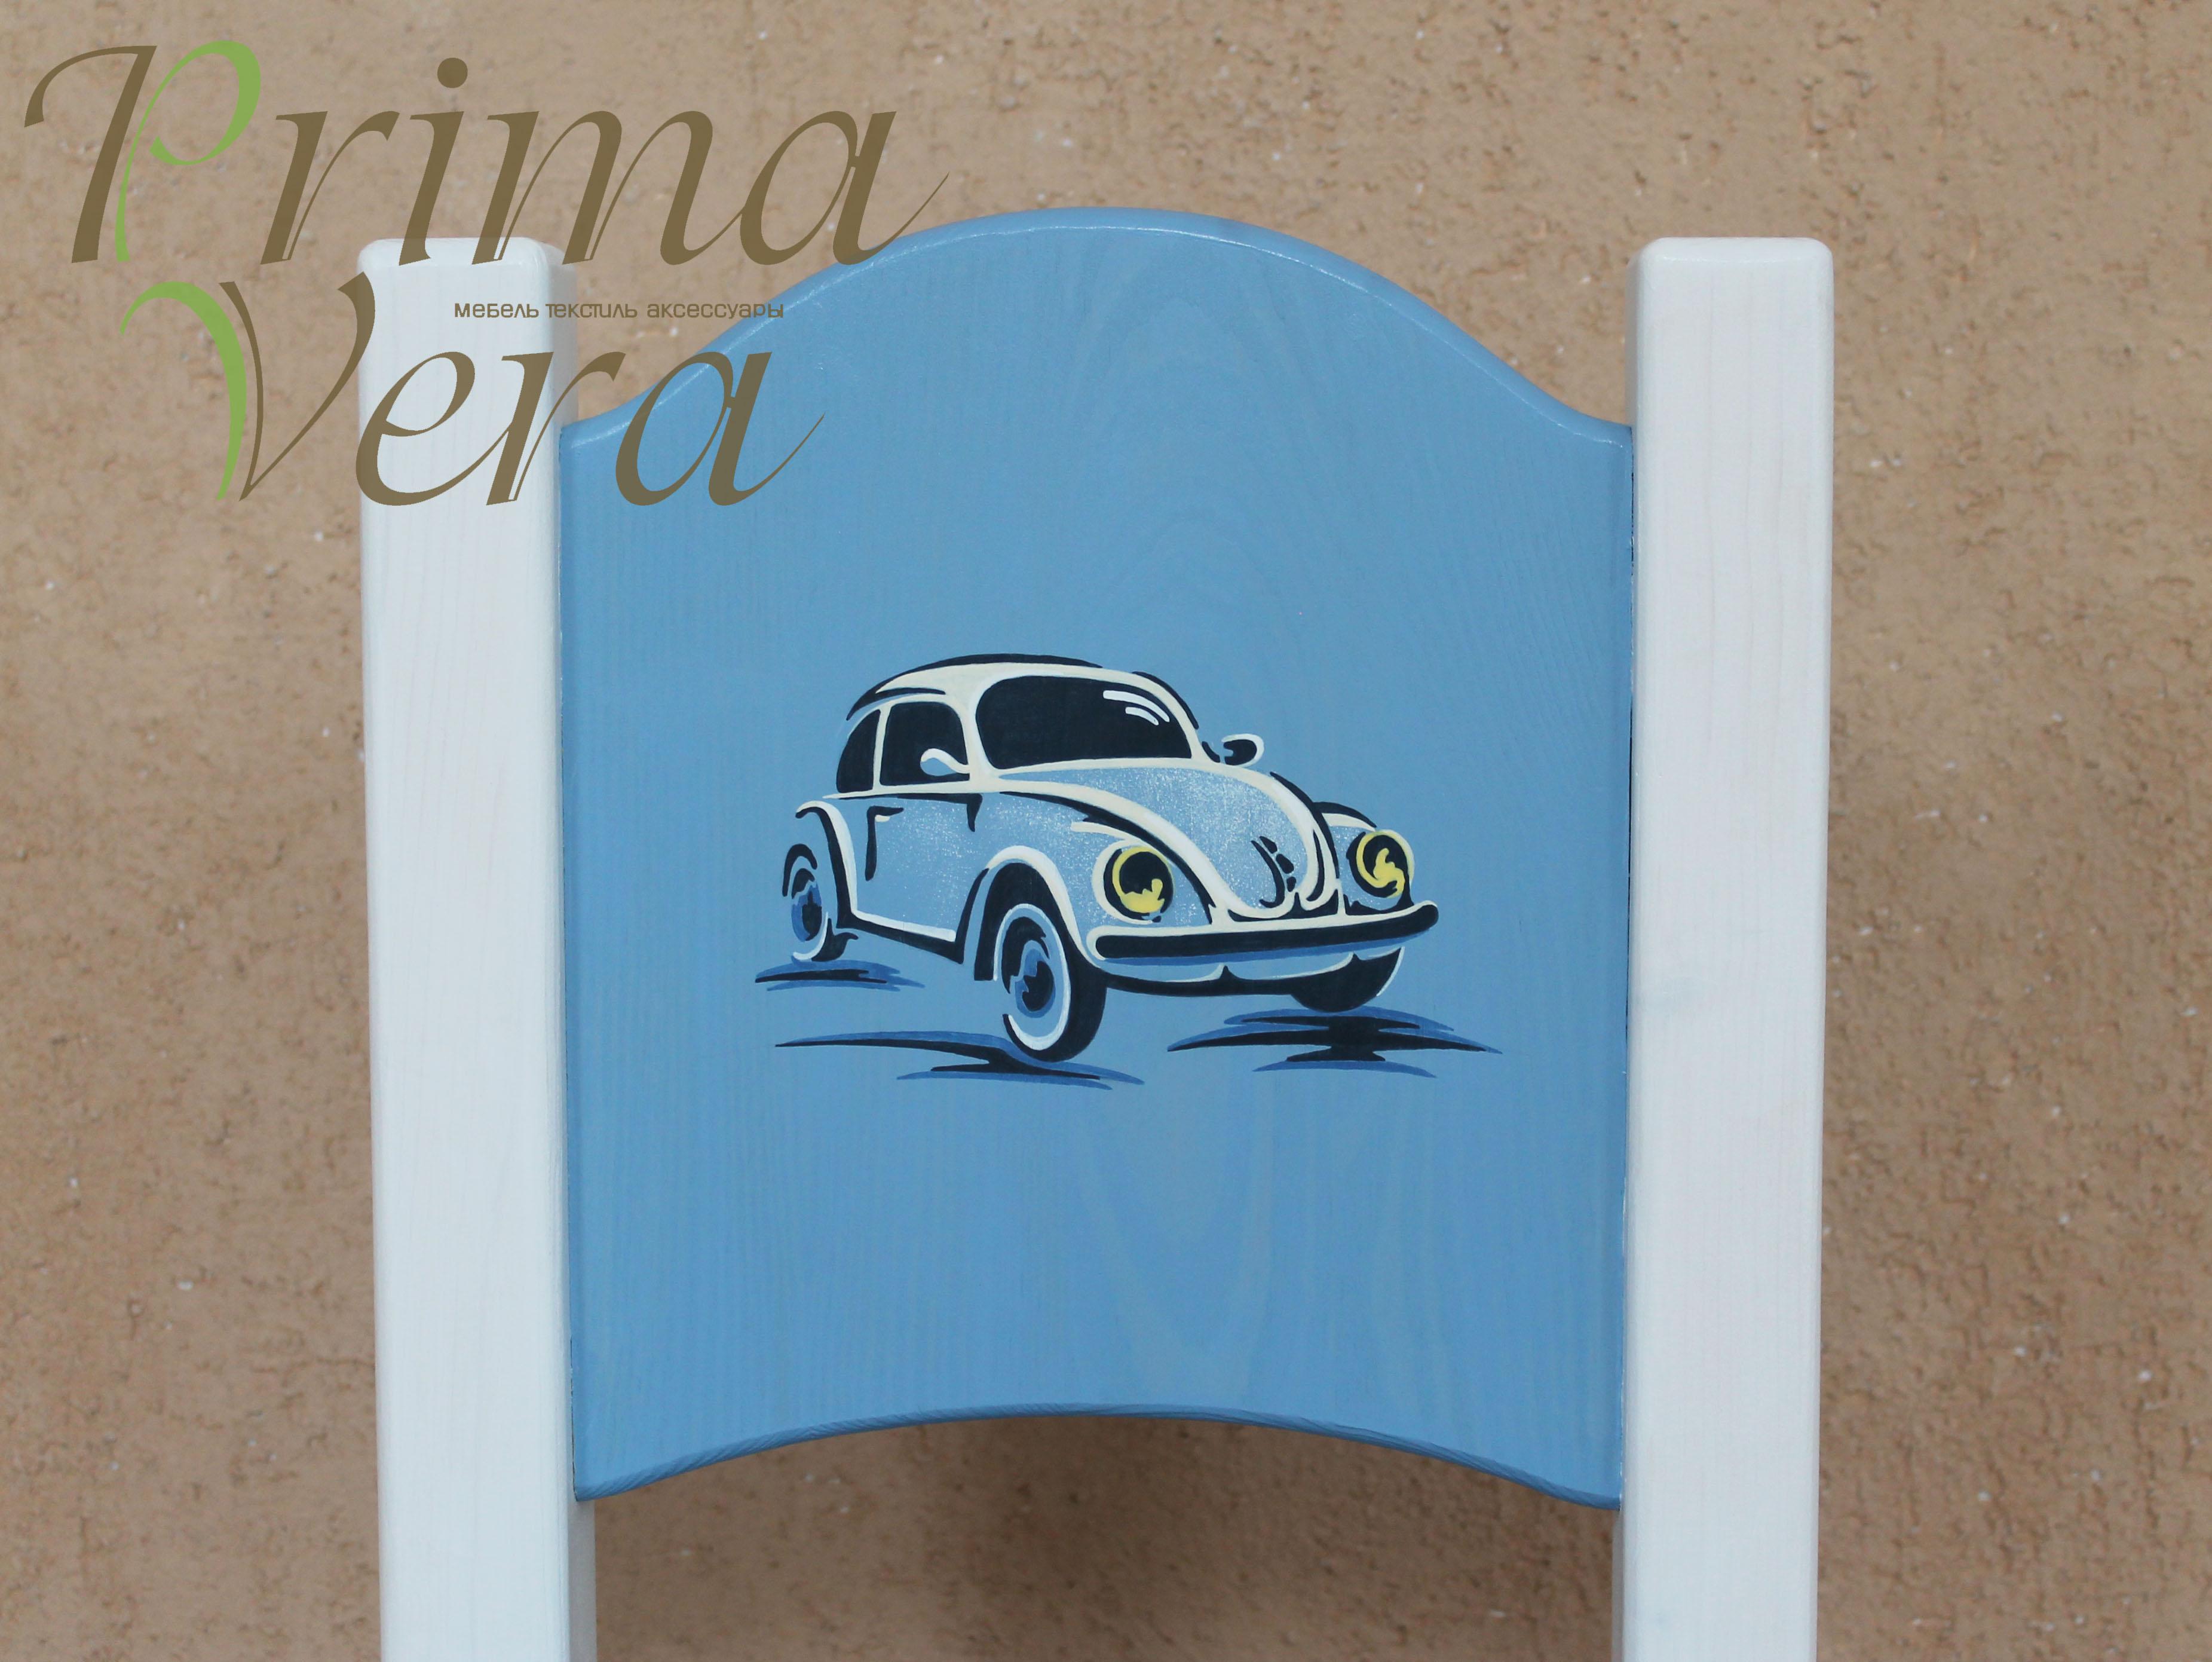 мебель Prima Vera